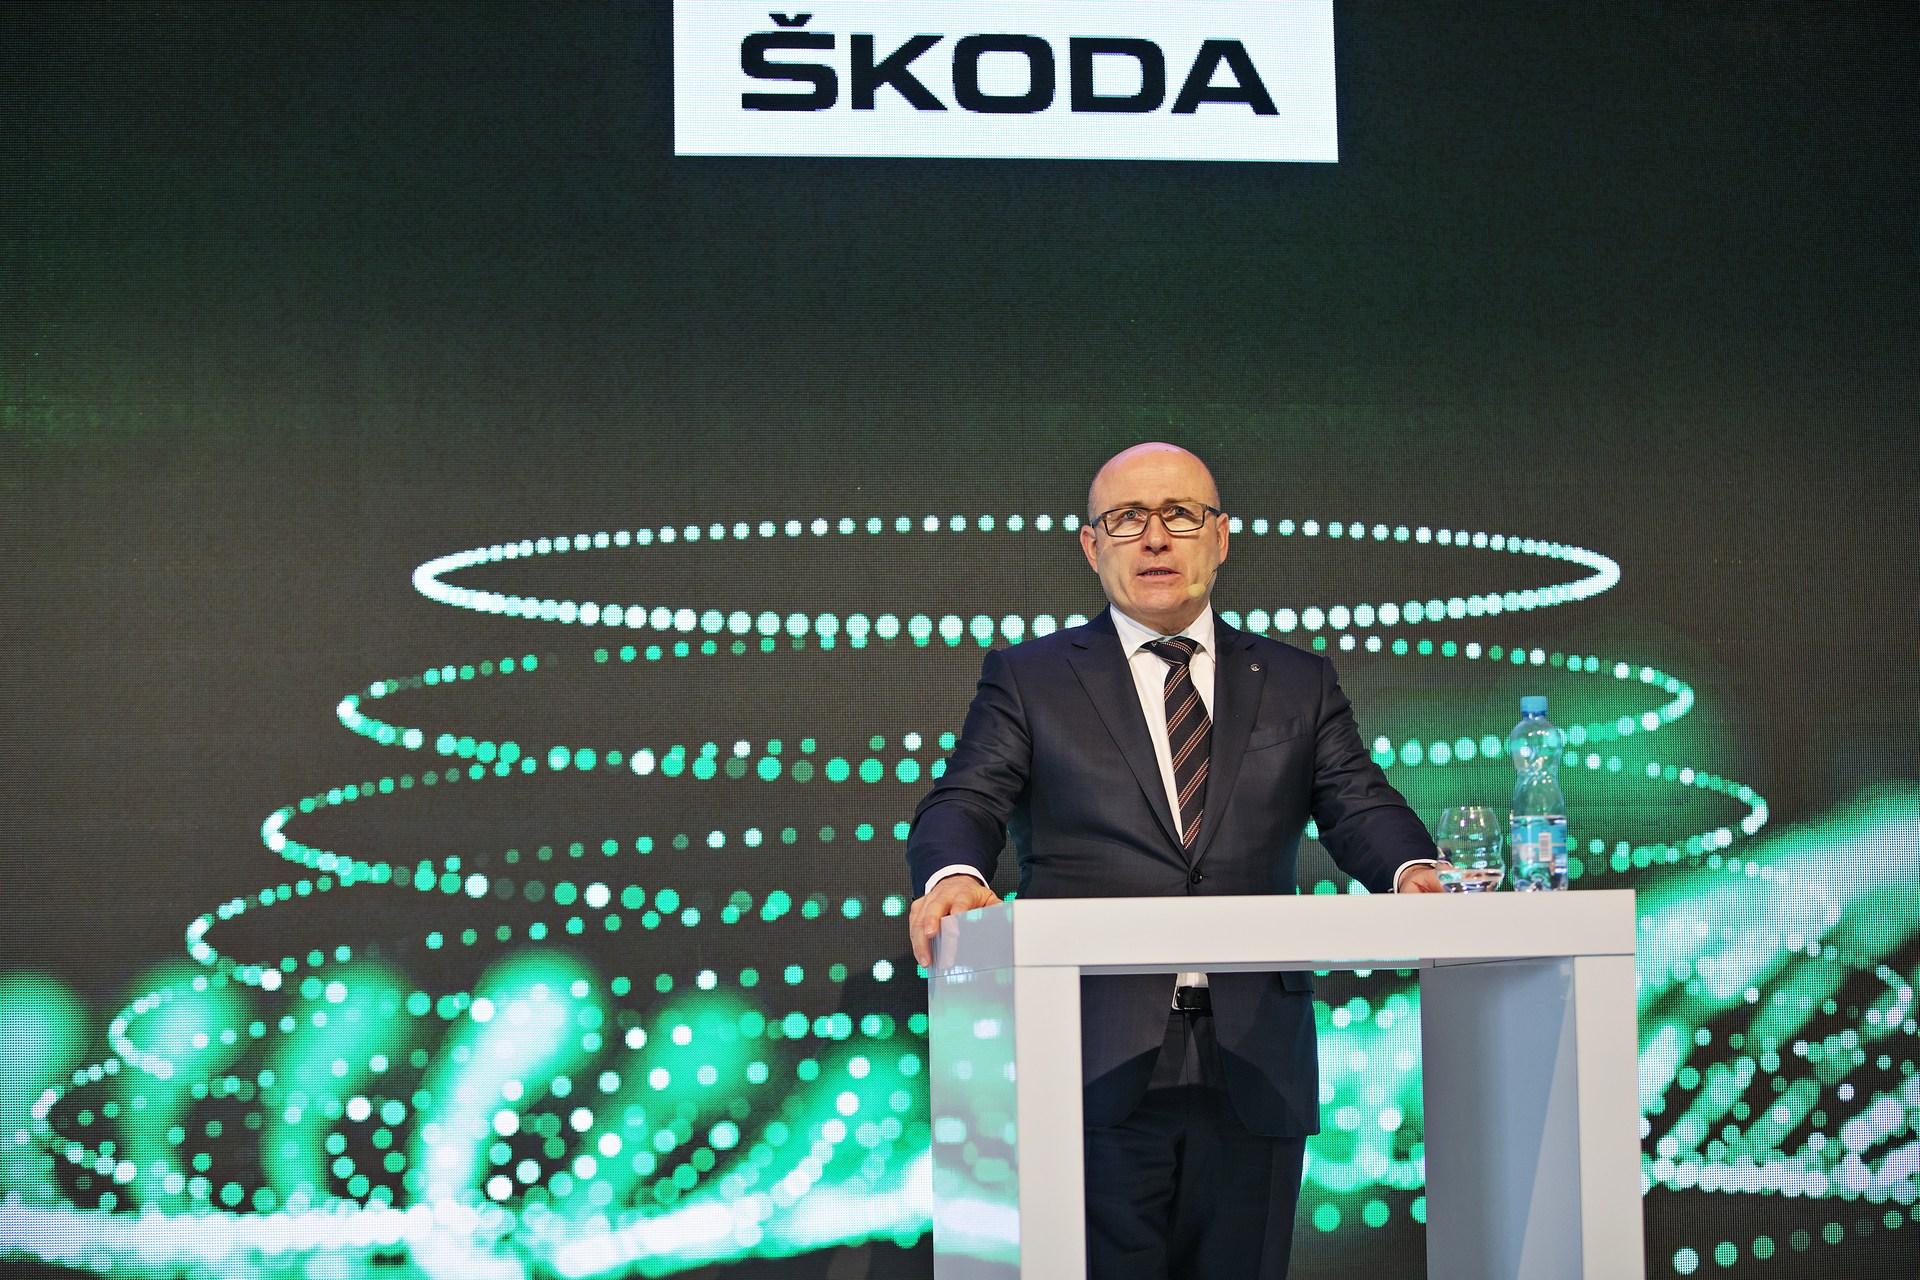 Skoda_Press_Conference_0000